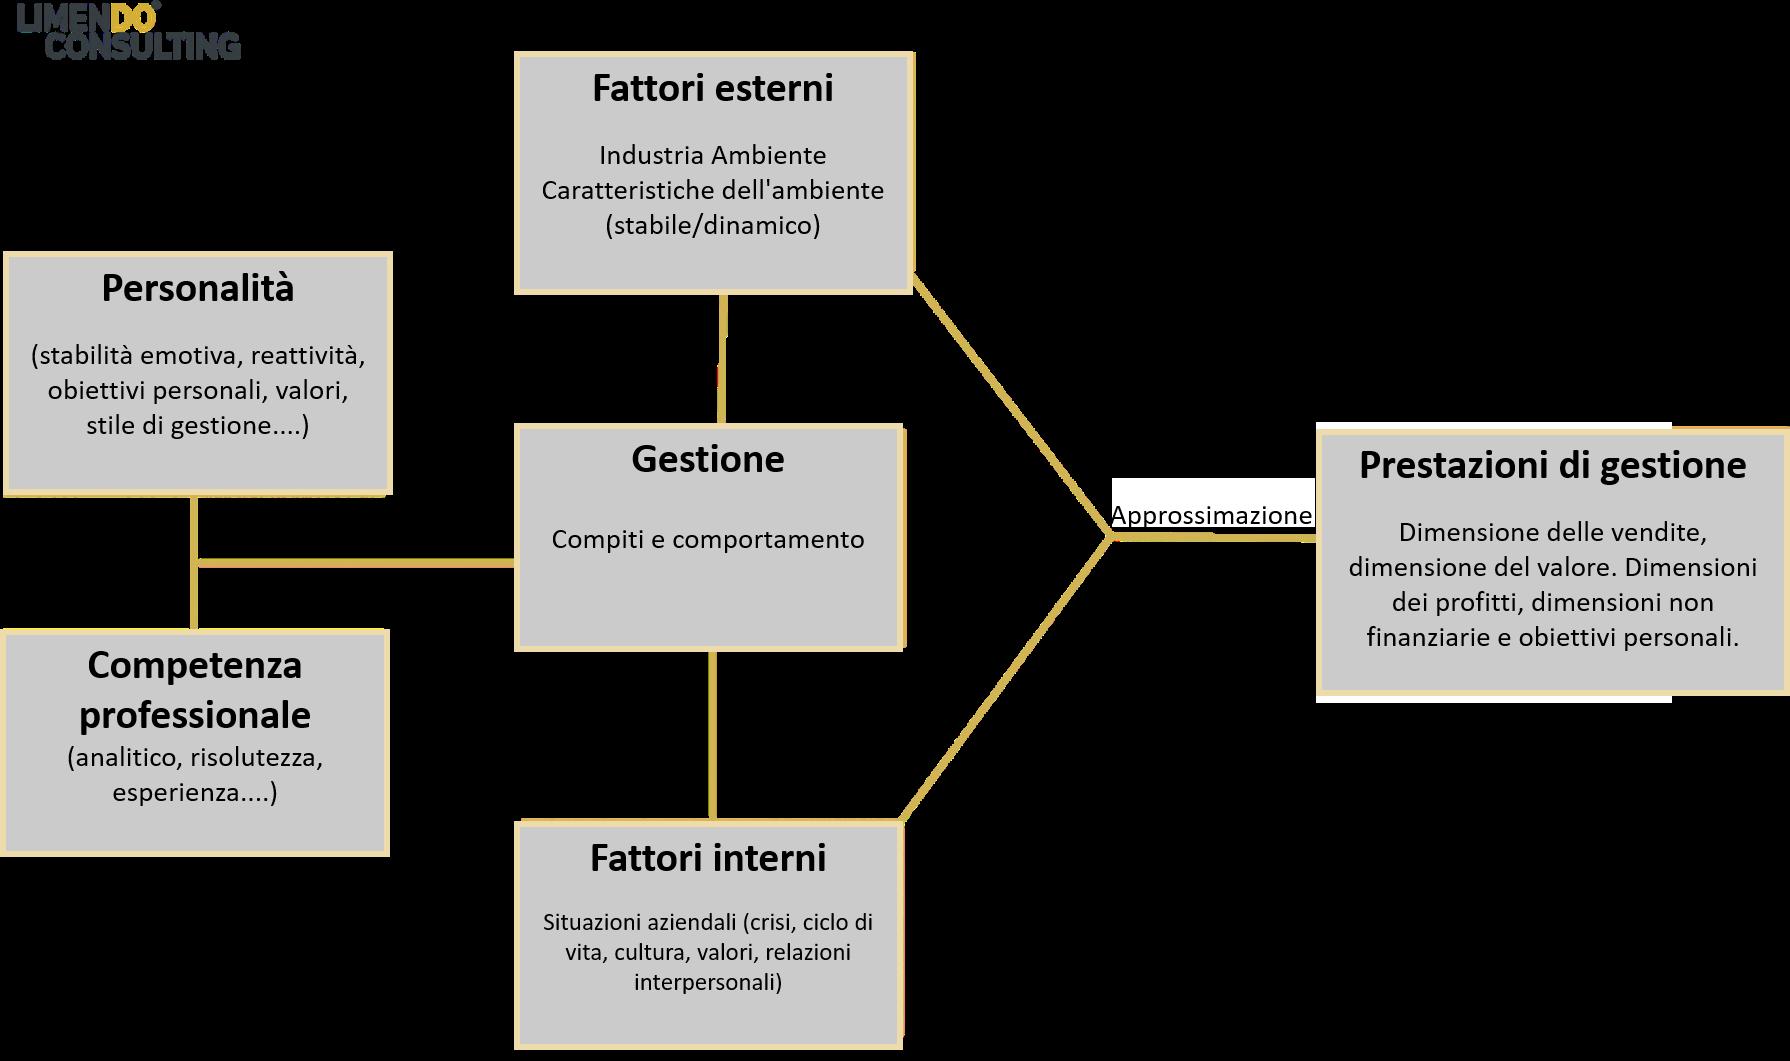 Fattori che influenzano le prestazioni di gestione-Element-1